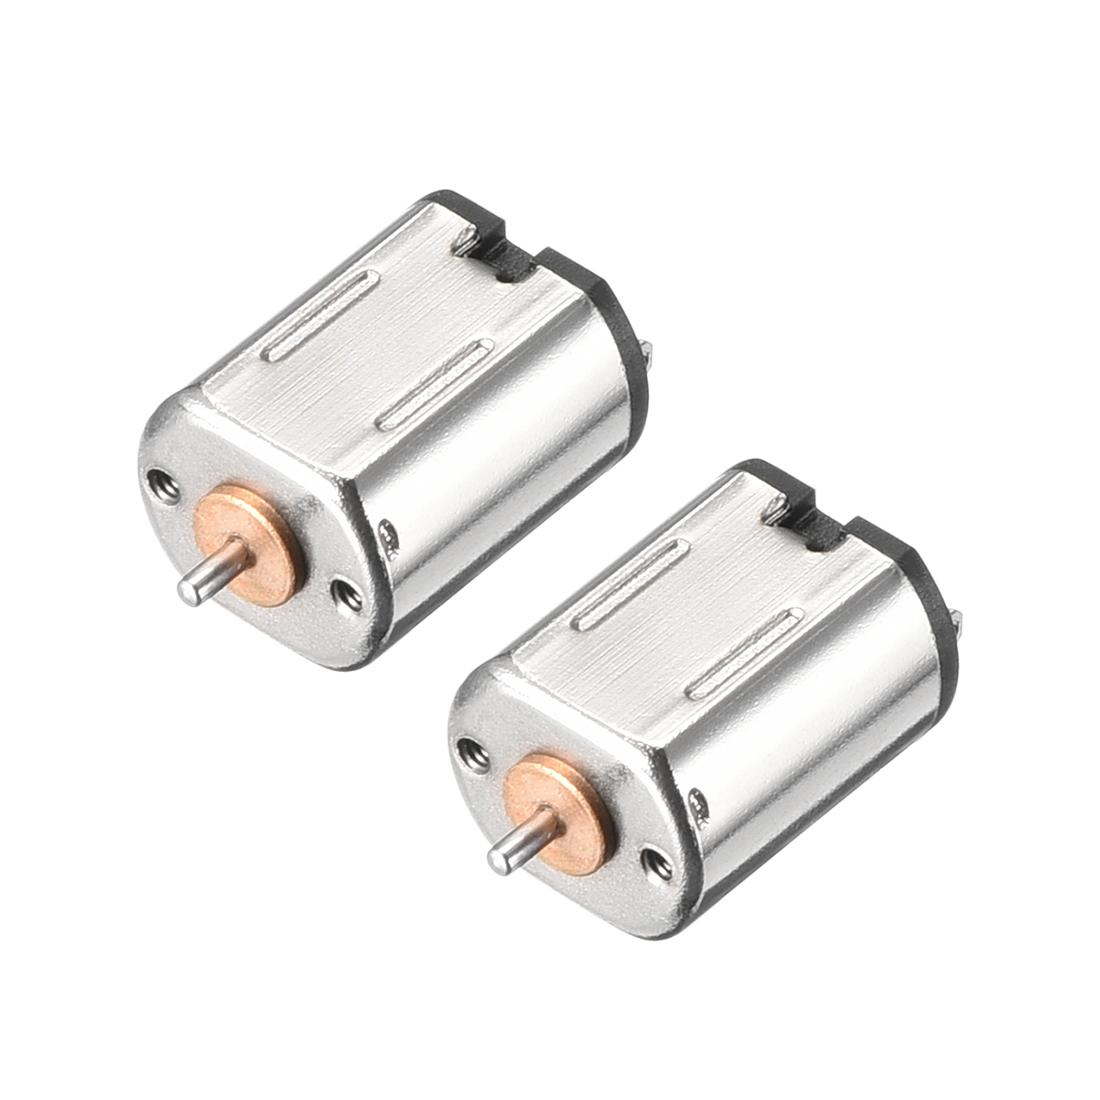 2 Pcs Motor DC 3V 11600-12000RPM High Speed Miniature Motors DIY Toy Car Parts